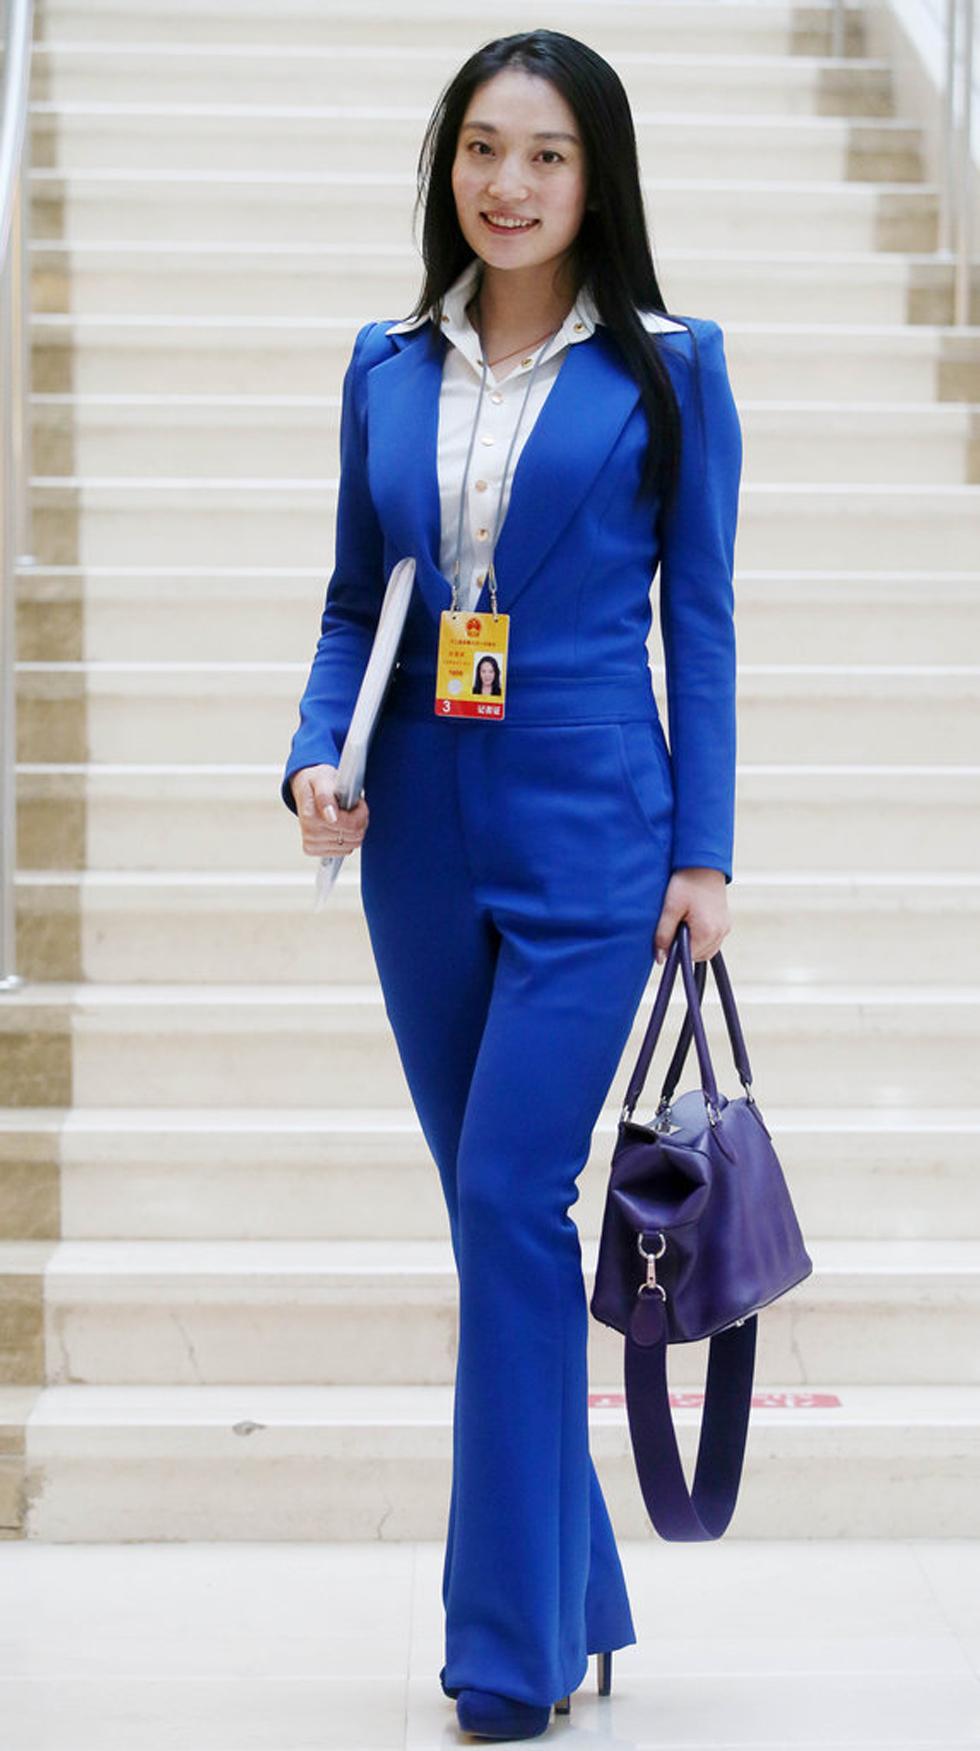 这名女记者则是身穿蓝衣出现